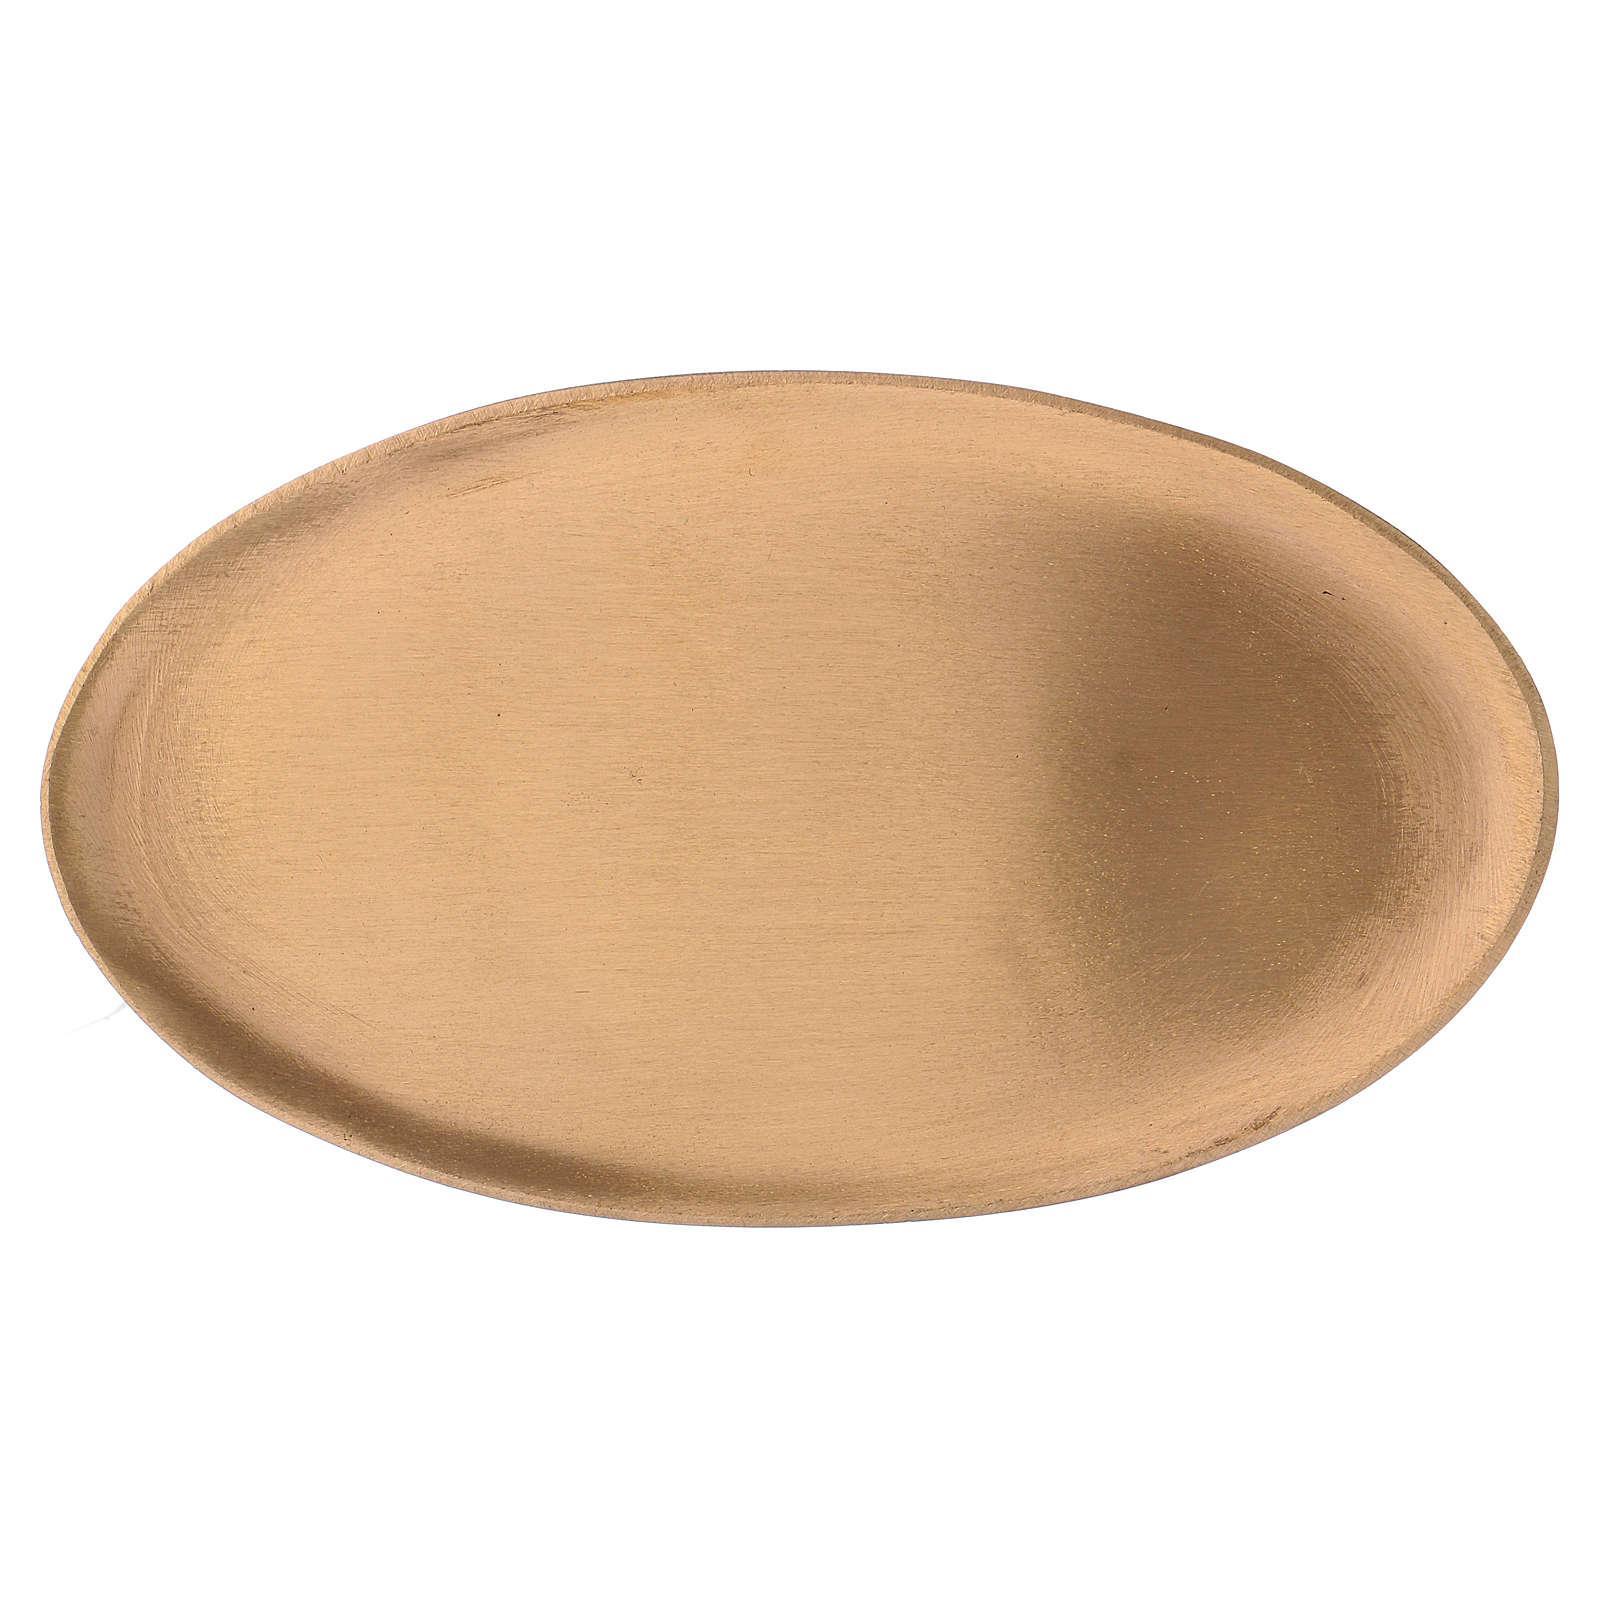 Piattino portacandele ovale in ottone dorato opaco 17x10 cm 3